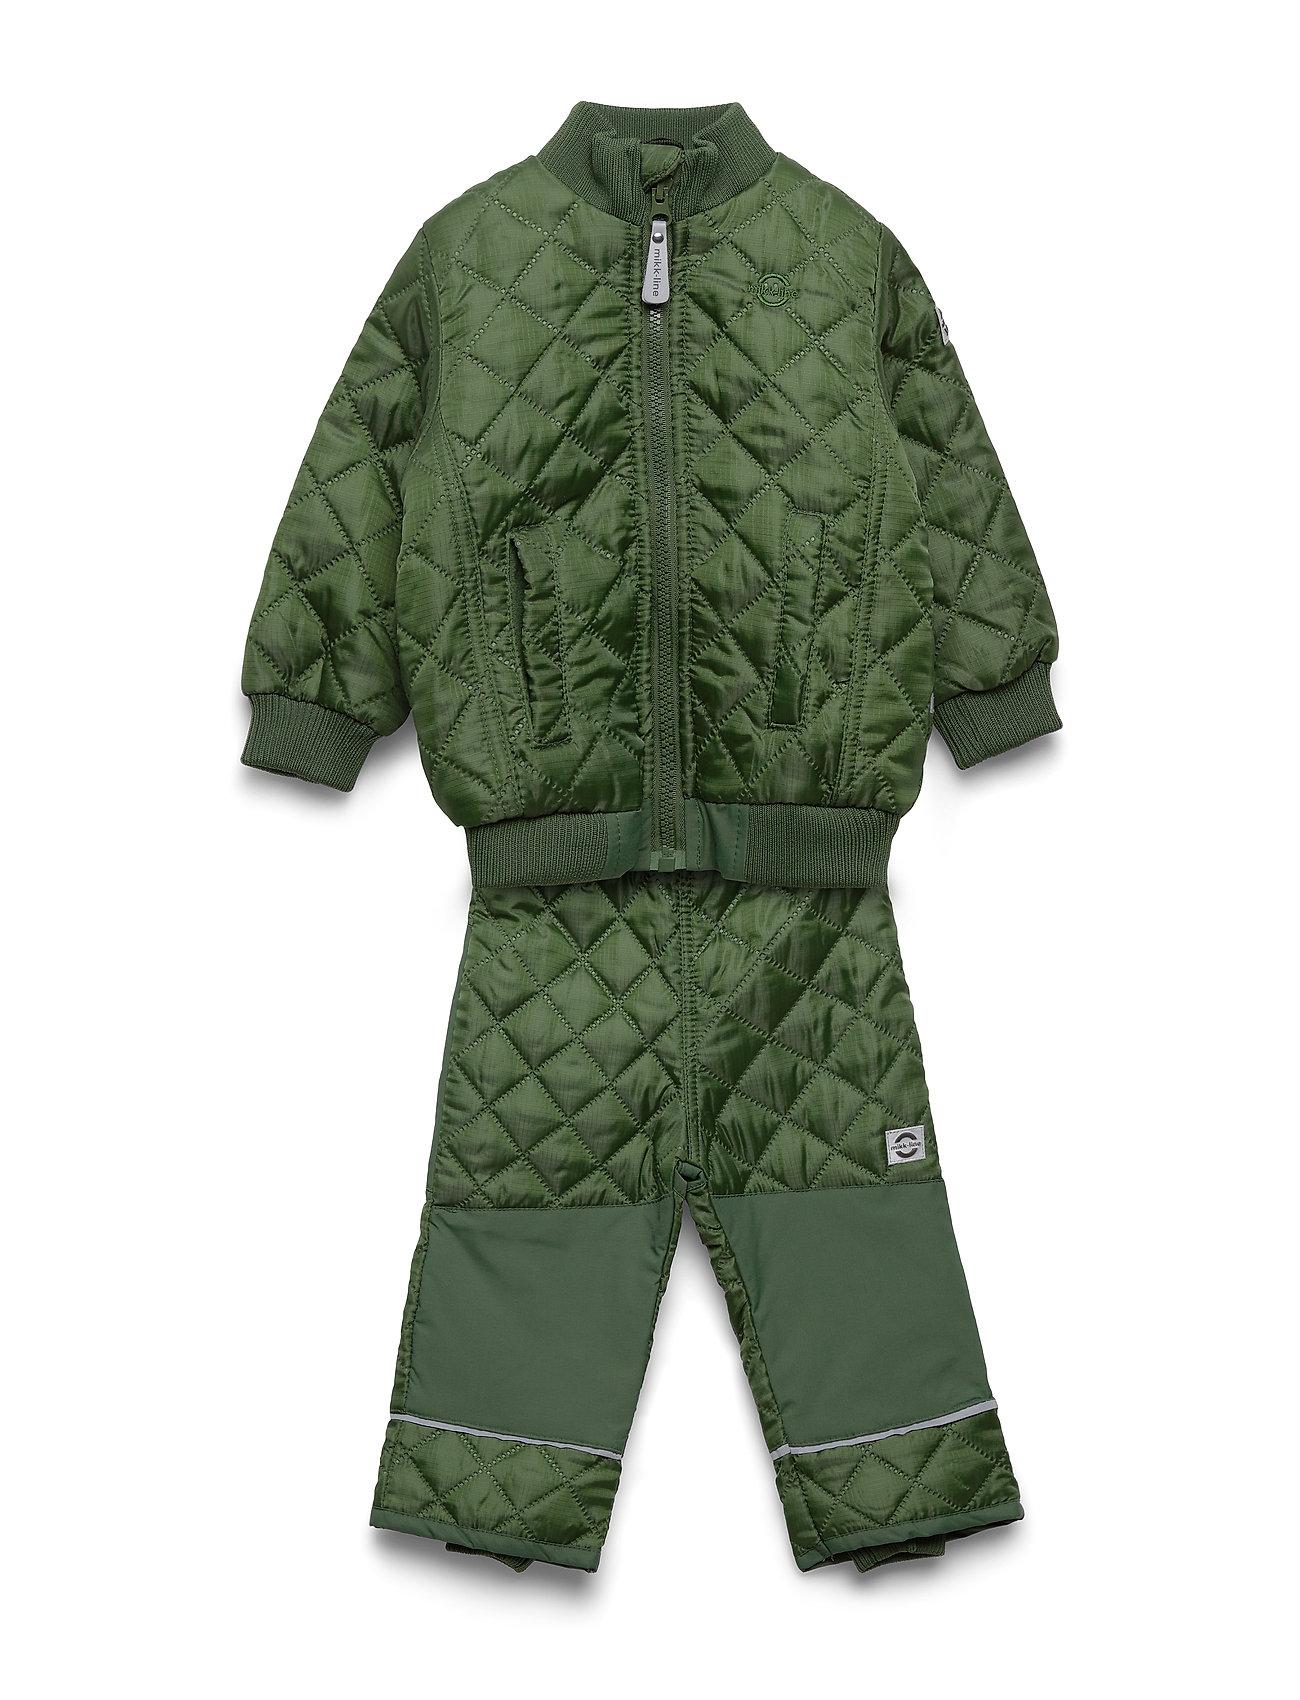 Mikk-Line Termo set w. fleece in jacket - ARMY GREEN